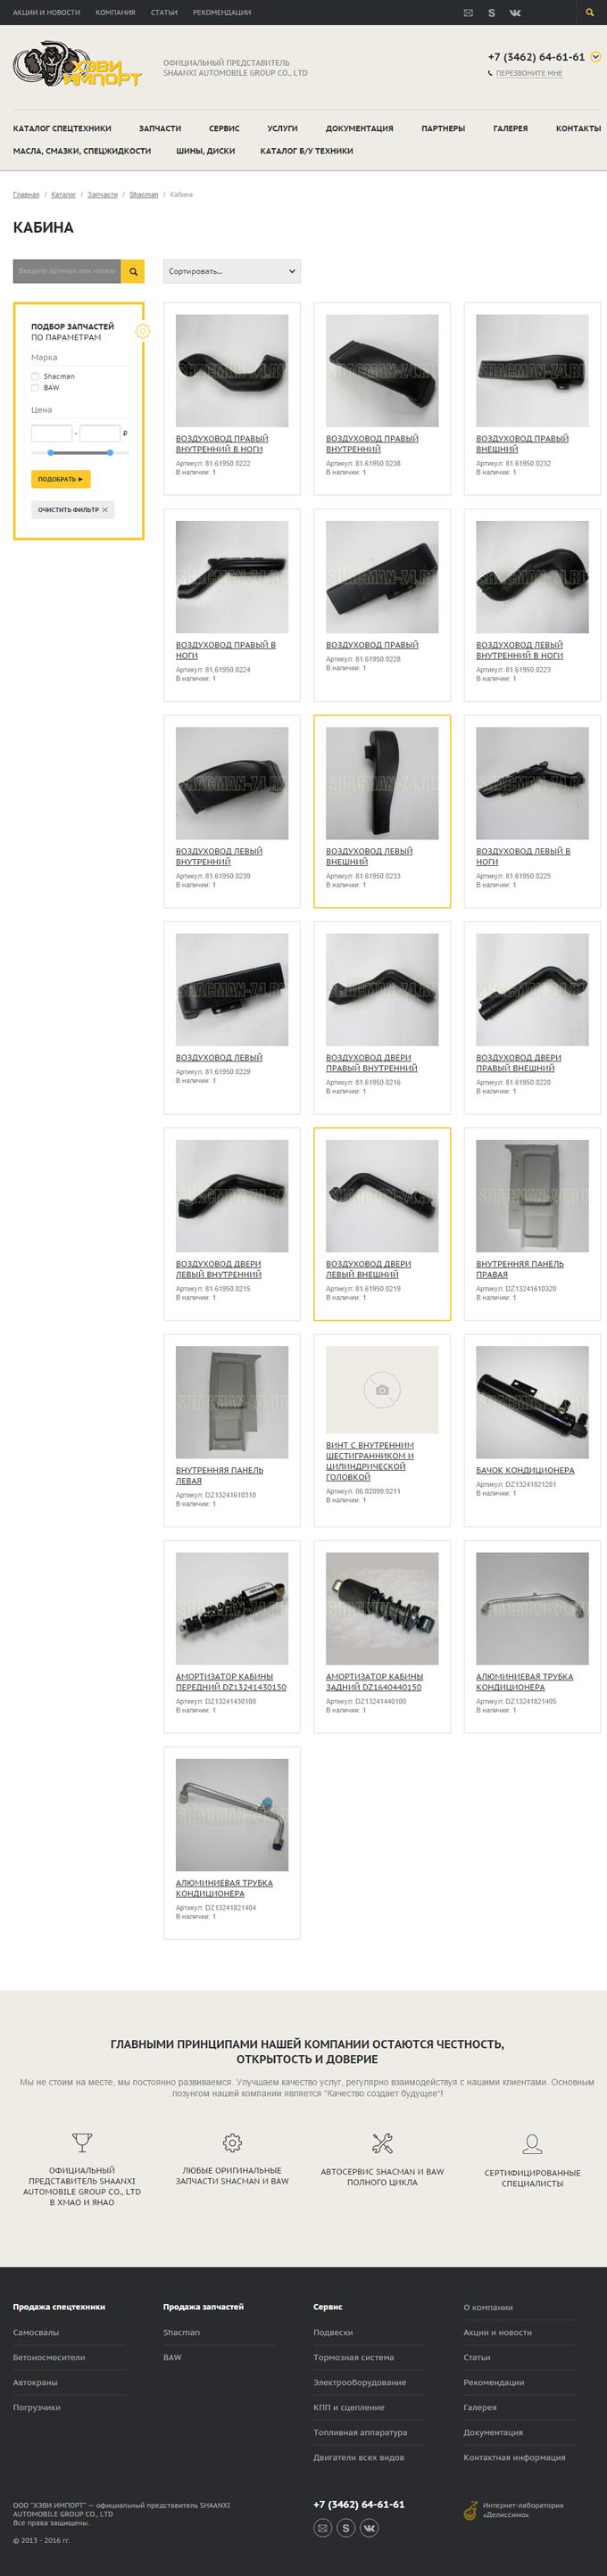 Страница каталога сайта Хэвиимпорта